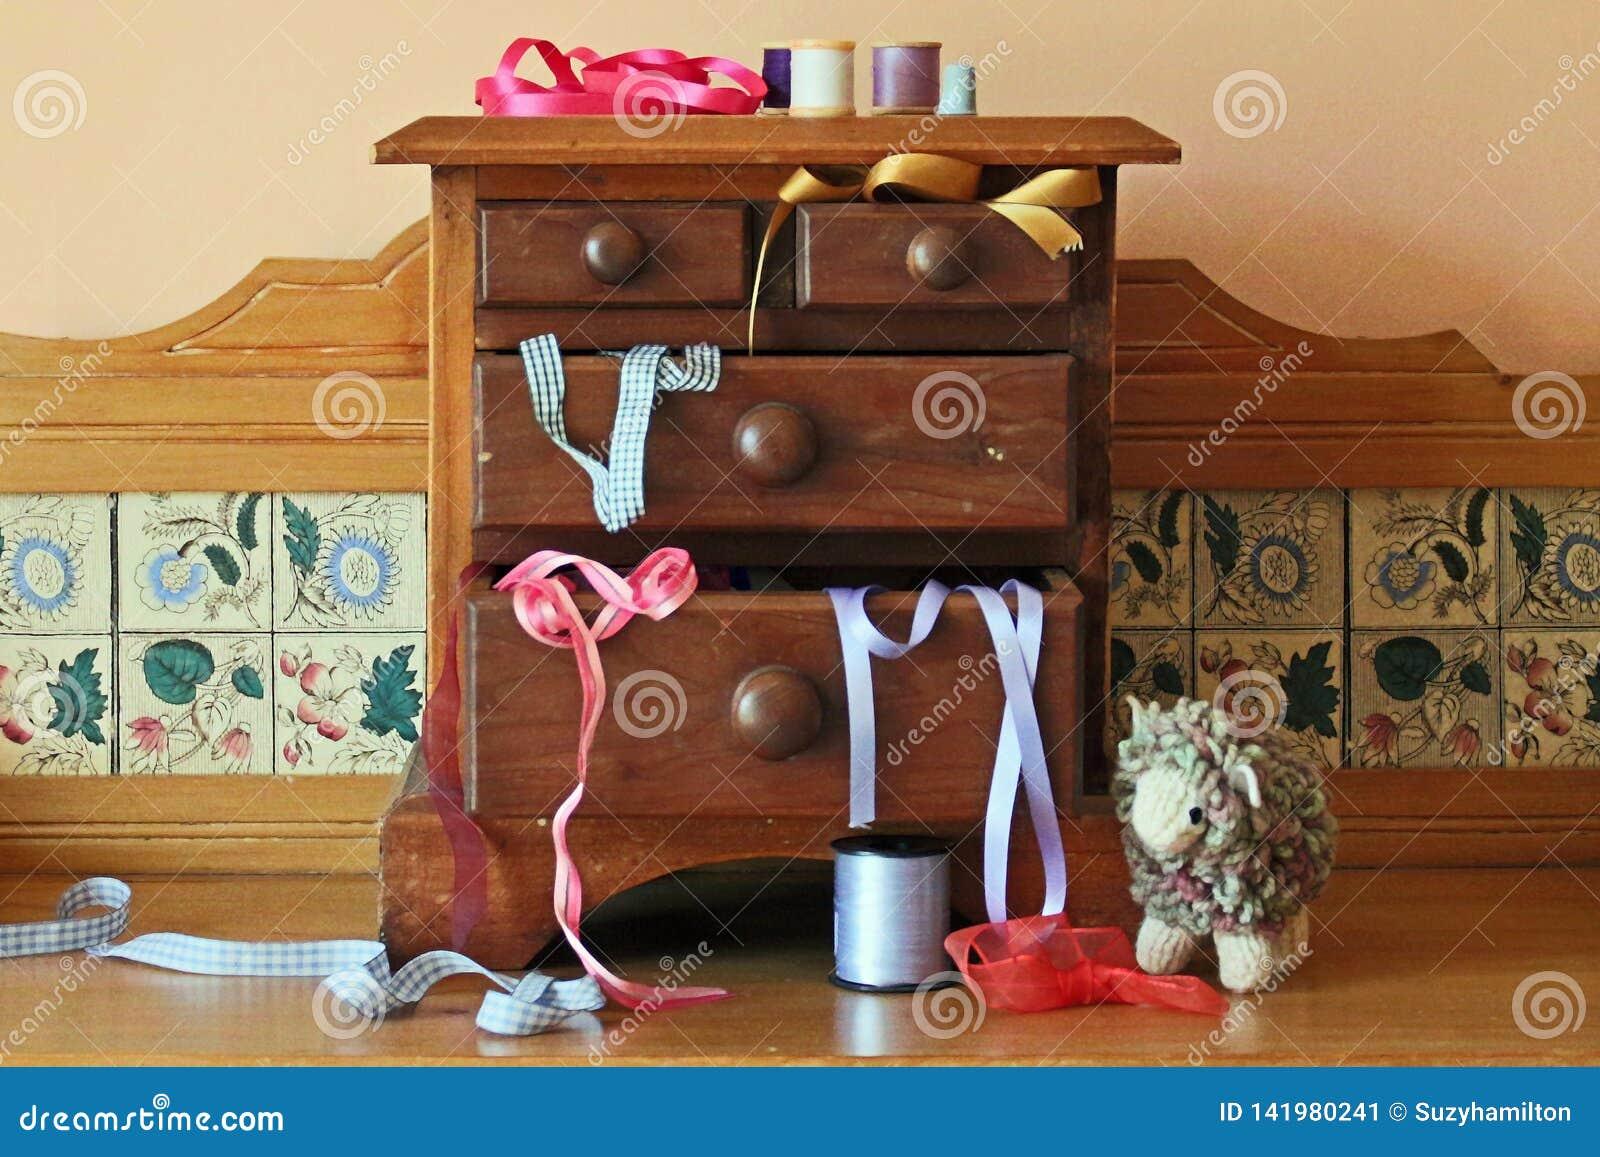 Coffre des tiroirs miniature en bois avec les ustensiles de couture l entourant